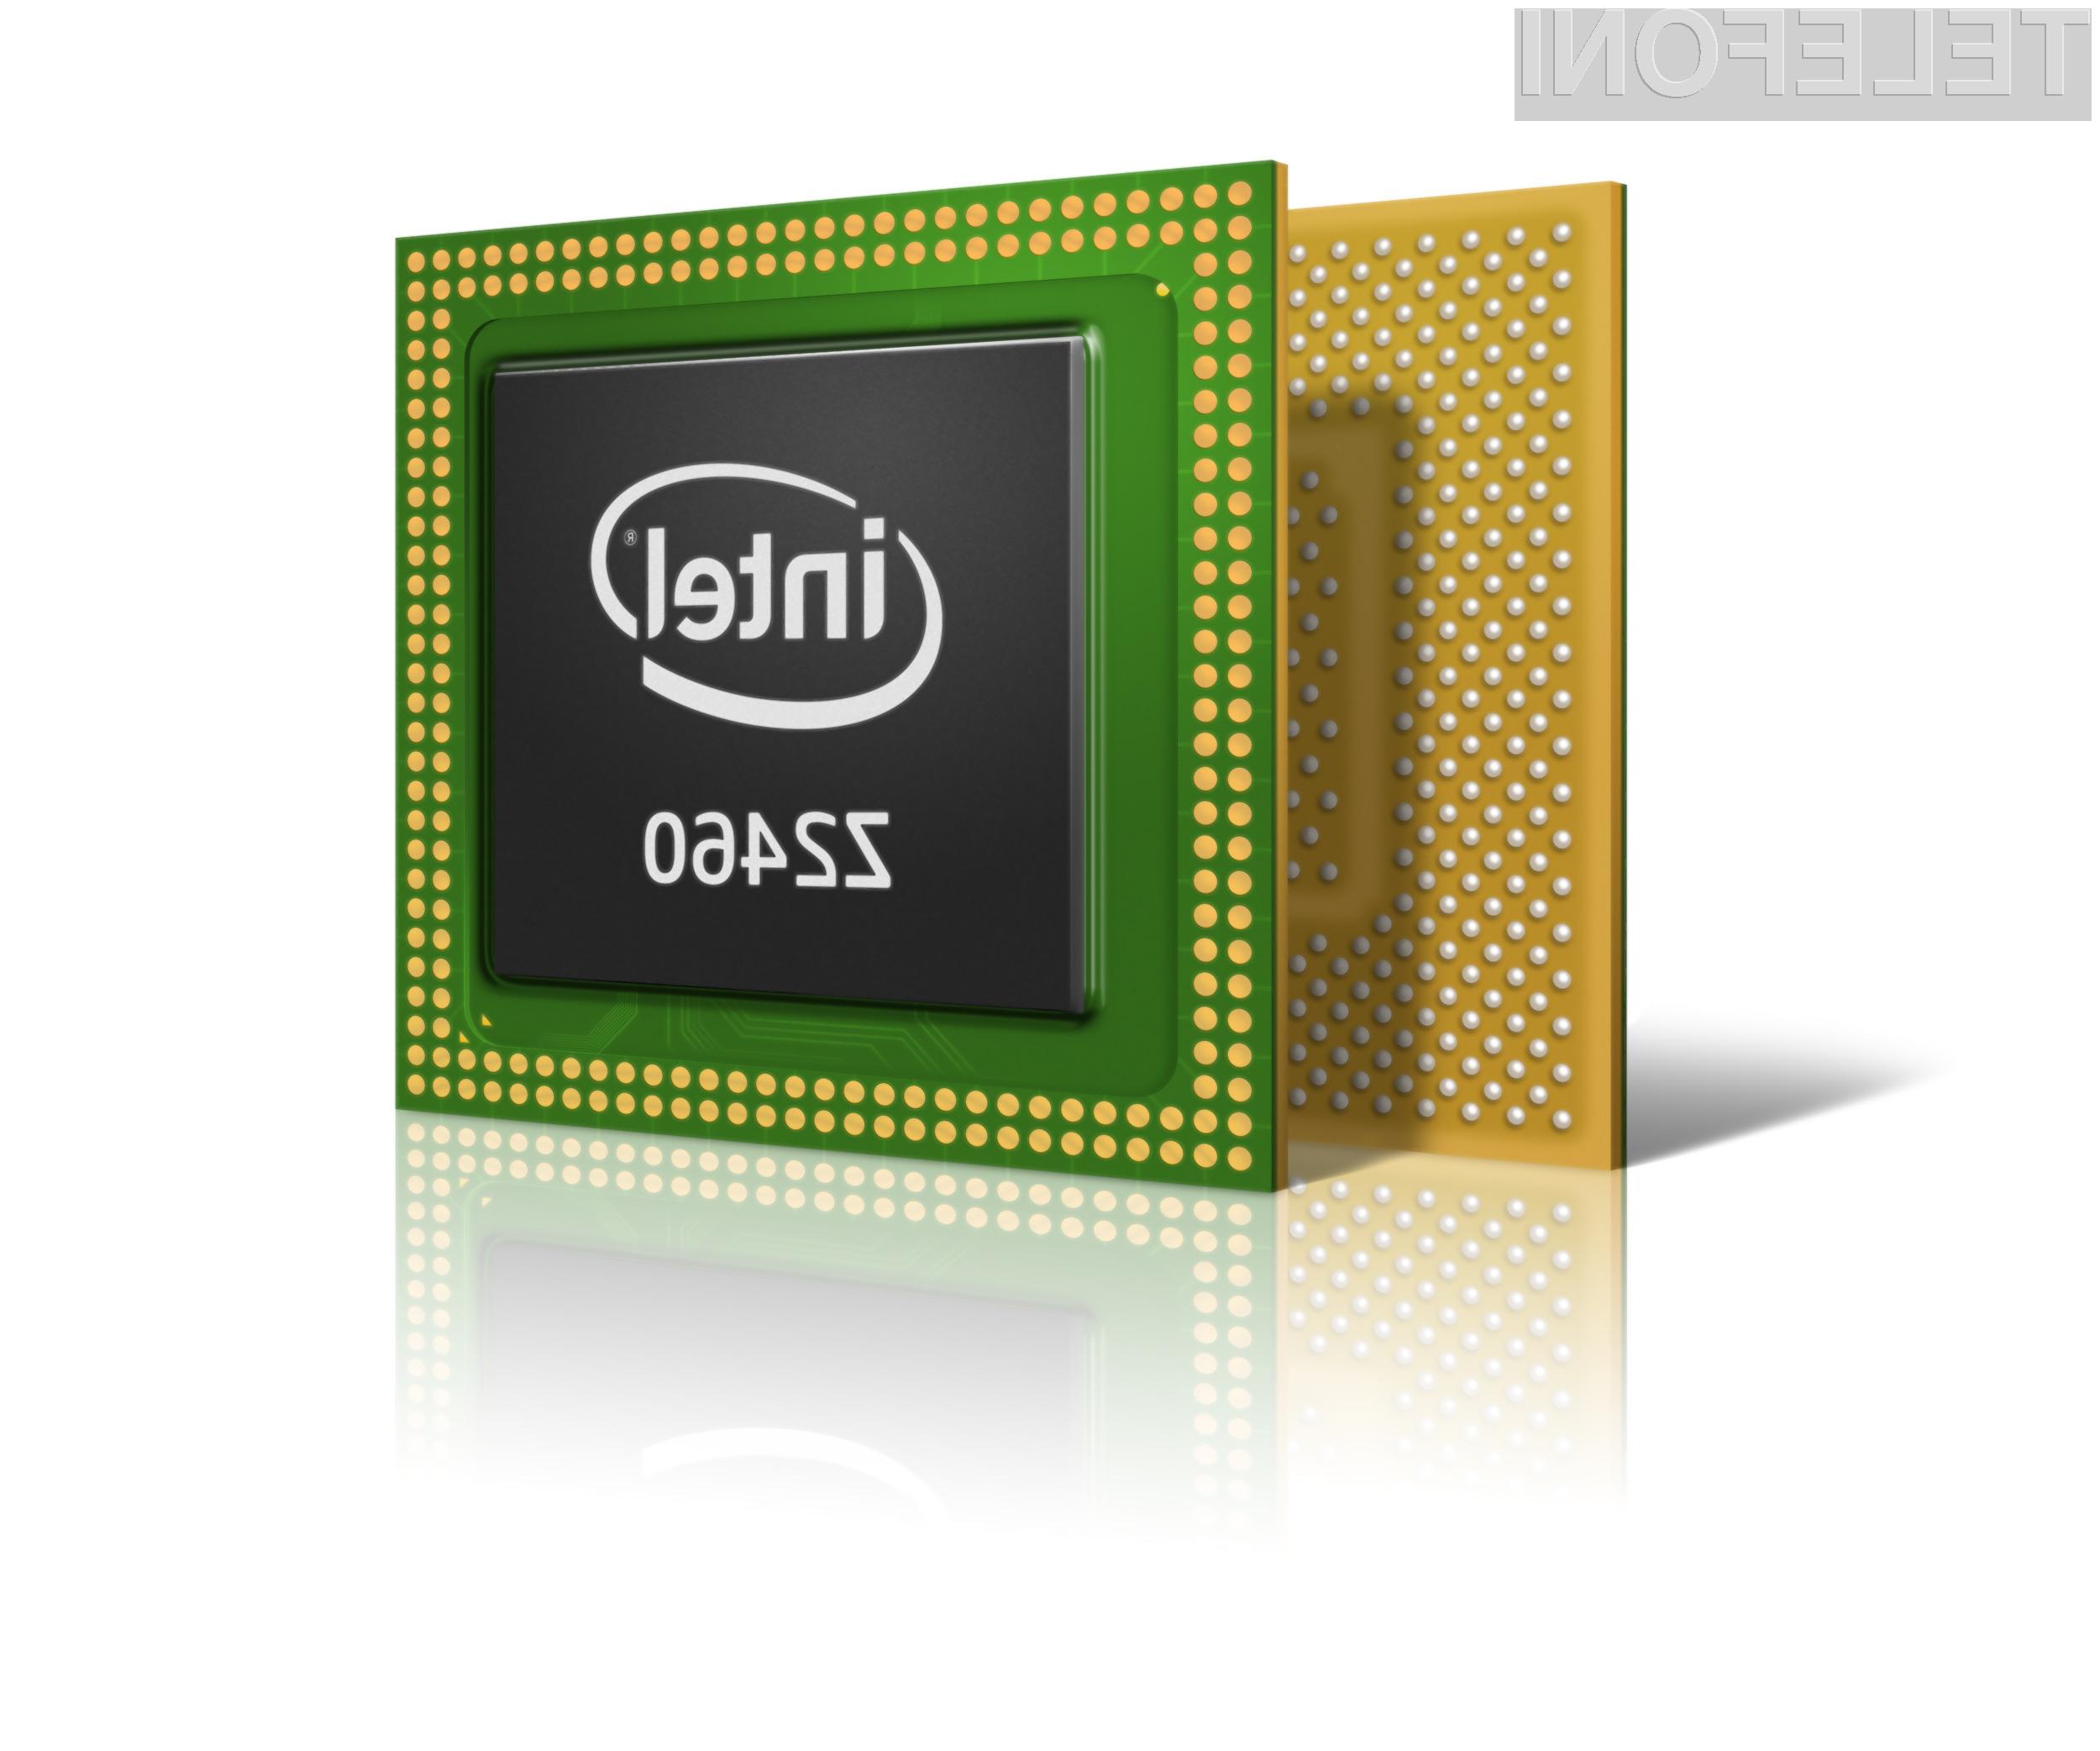 Procesorji Medfield bodo kmalu kompatibilni tudi z najnovejšo različico operacijskega sistema Android - Jelly Bean.